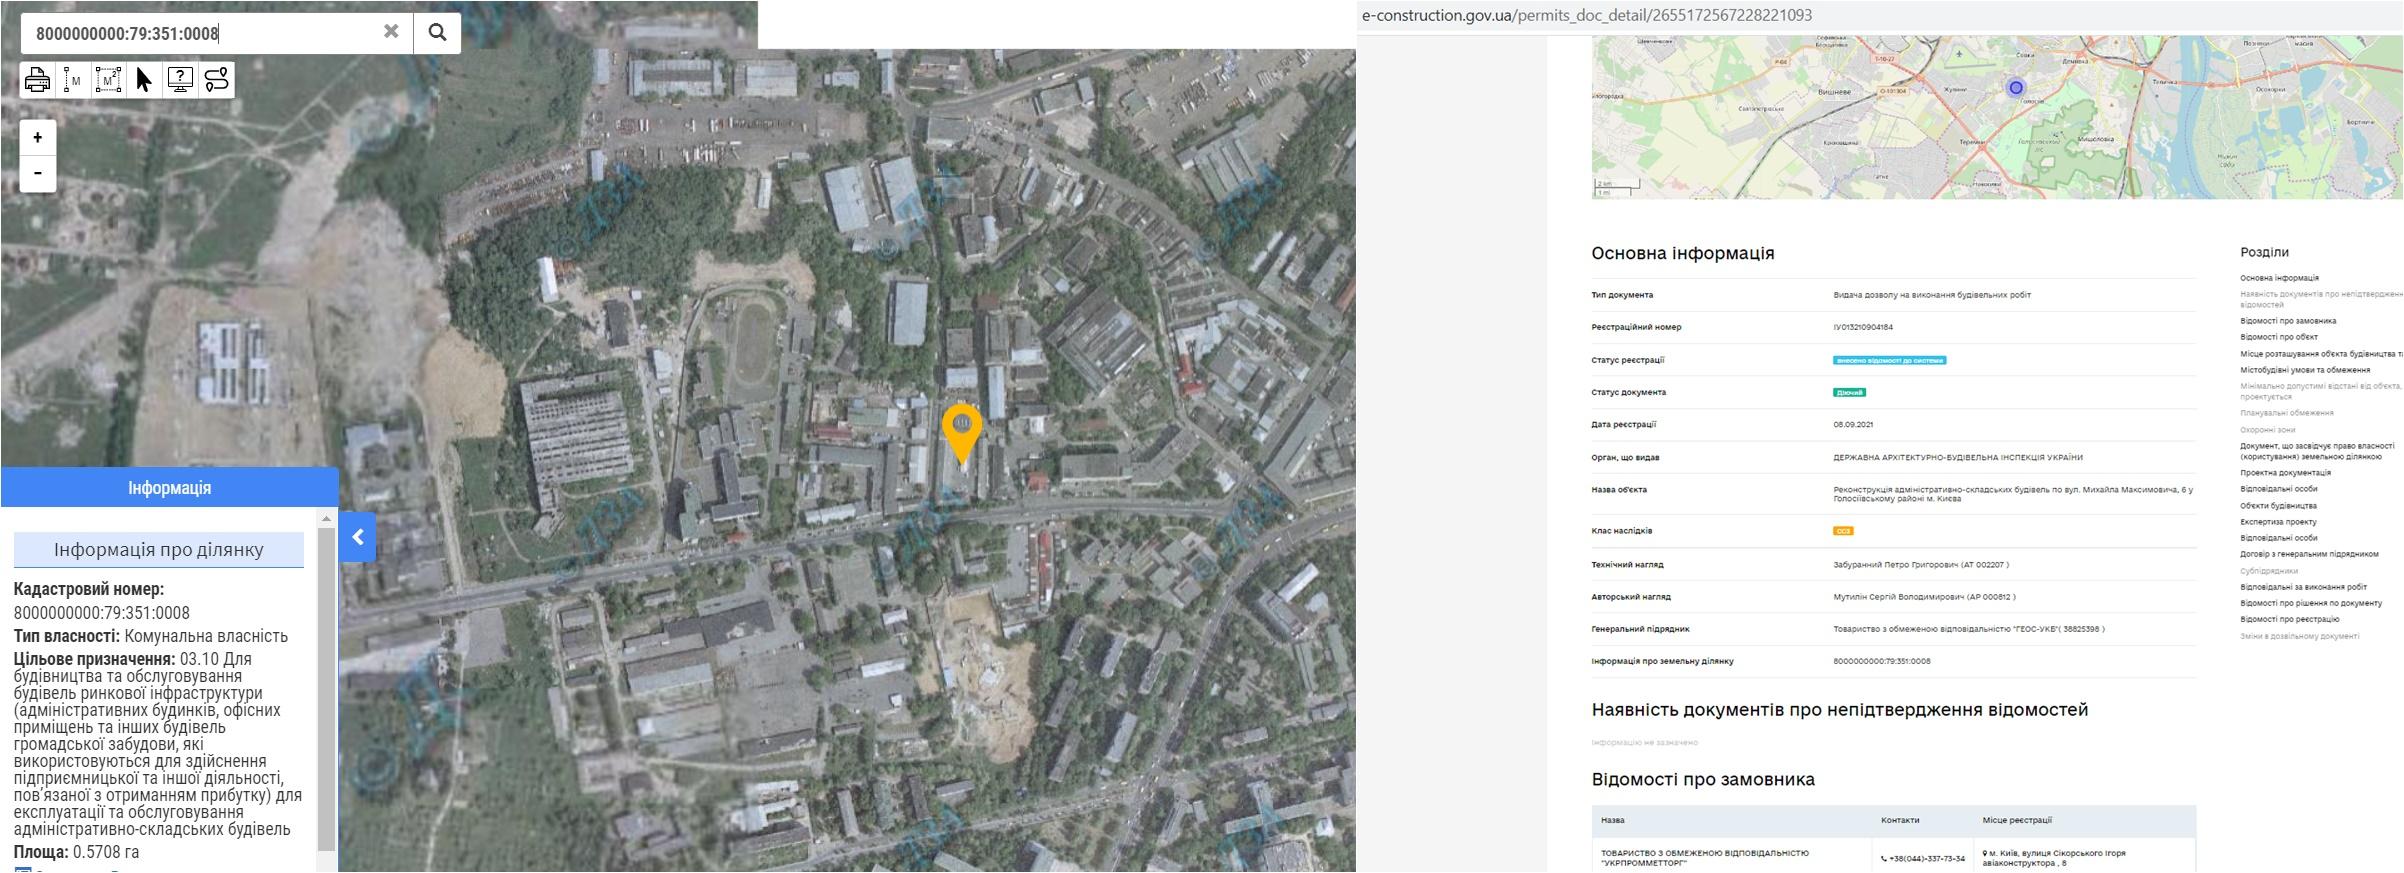 Проект реконструкции по ул. Максимовича, 6 данные кадастра и Разрешение в реестре